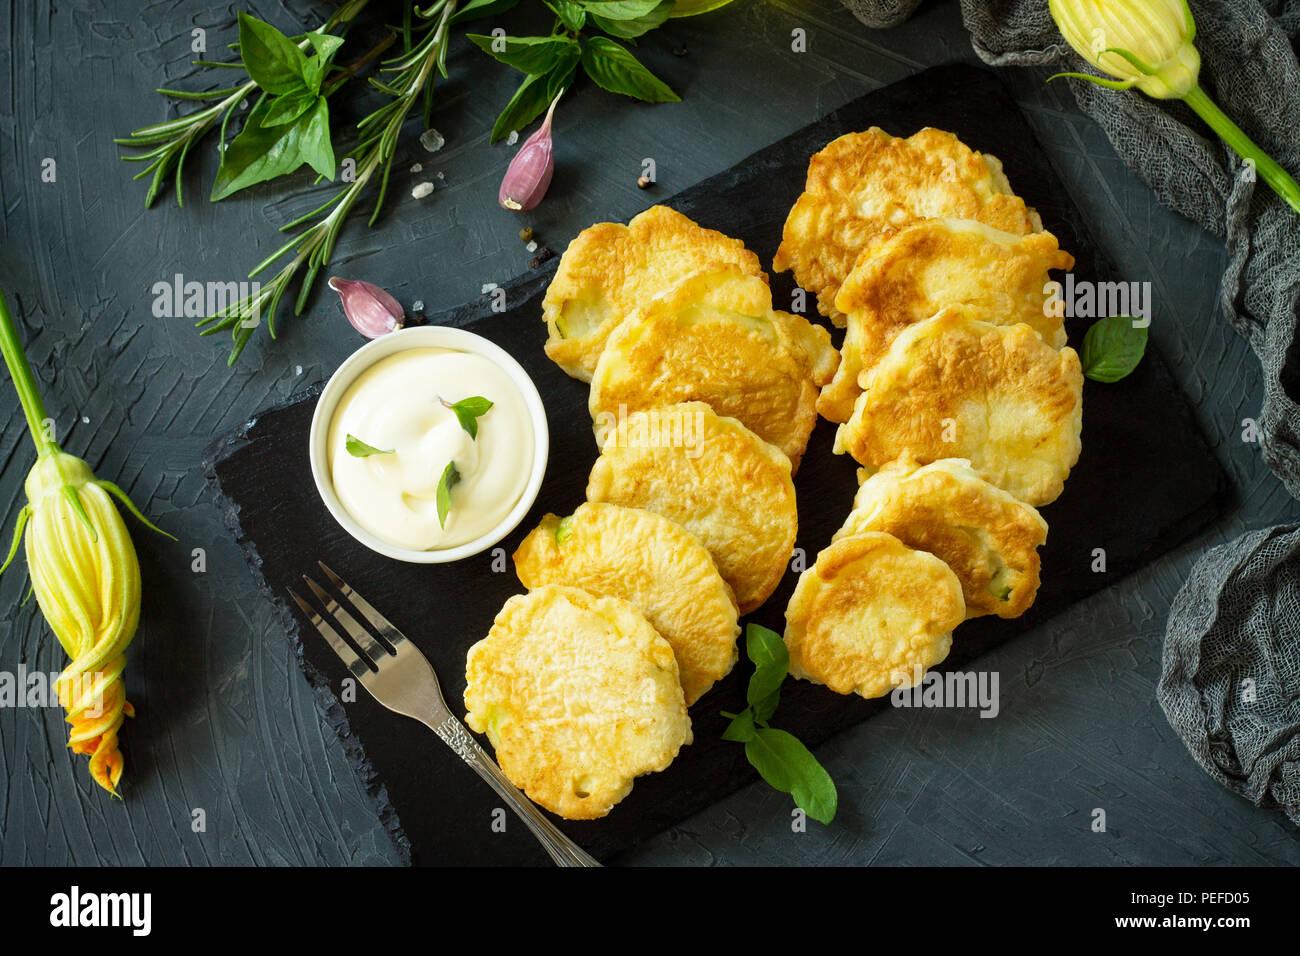 Végétalien beignets de légumes sur fond d'ardoise à découper. Escalopes végétariennes frits ou des crêpes. Le concept de restauration rapide. Vue du dessus du bac mise à plat Photo Stock